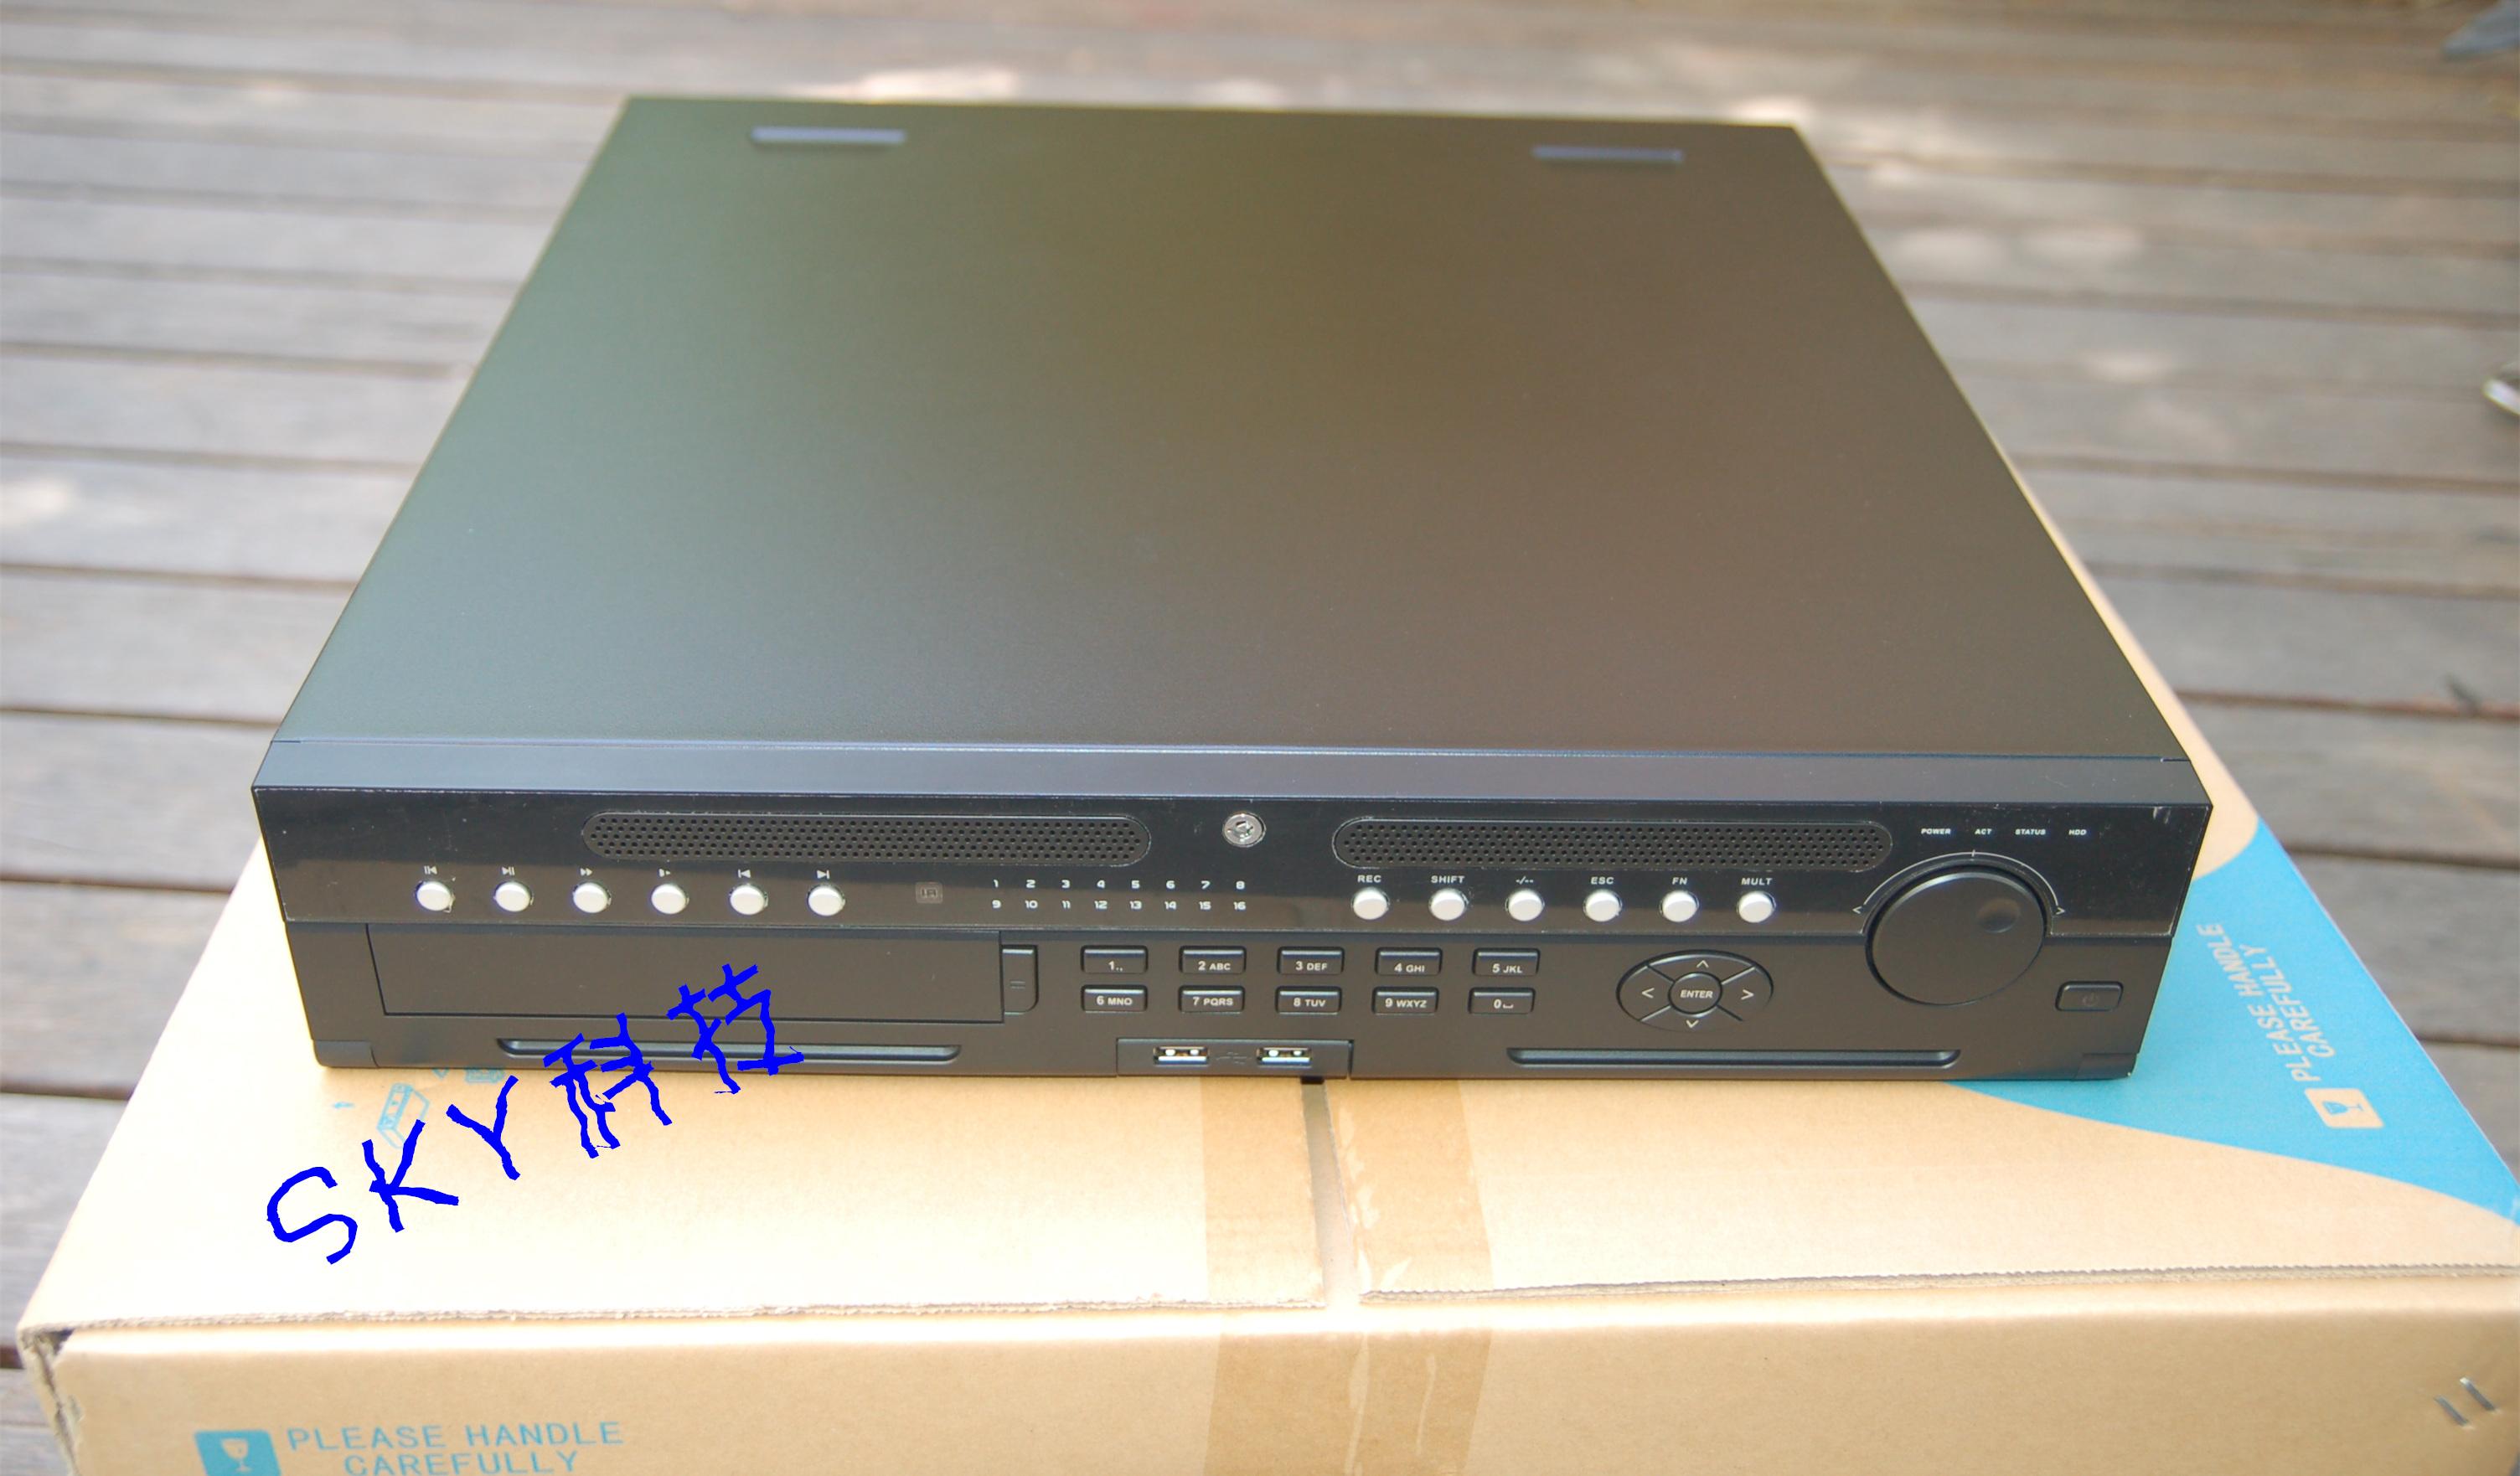 16-канальный гибридный видеомагнитофон Dahua DVR1604HG-UH-E высокая Очистить видеомагнитофон товар в наличии